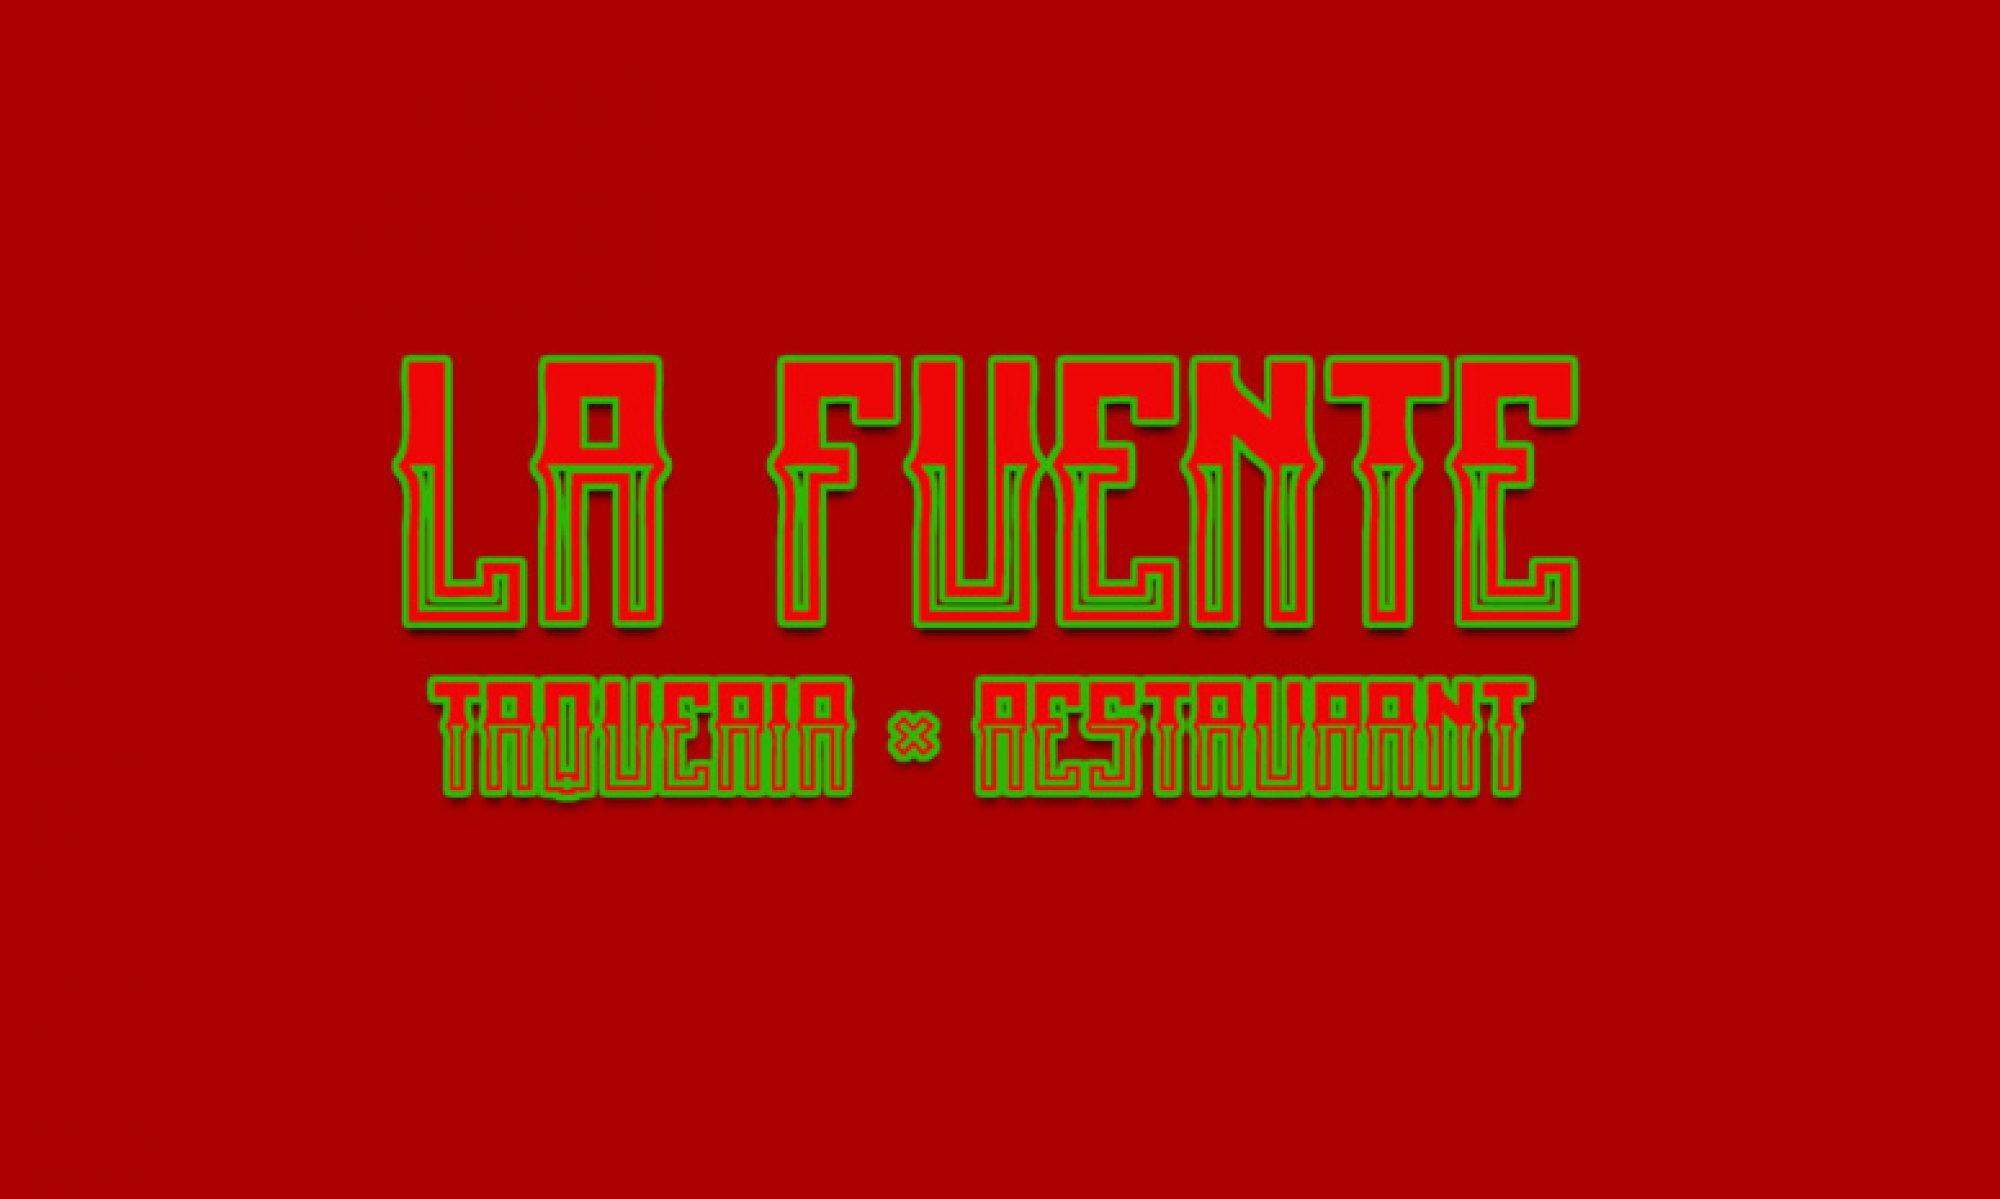 Taqueria La Fuente & Restaurant  in Tigard OR (503) 639-3653